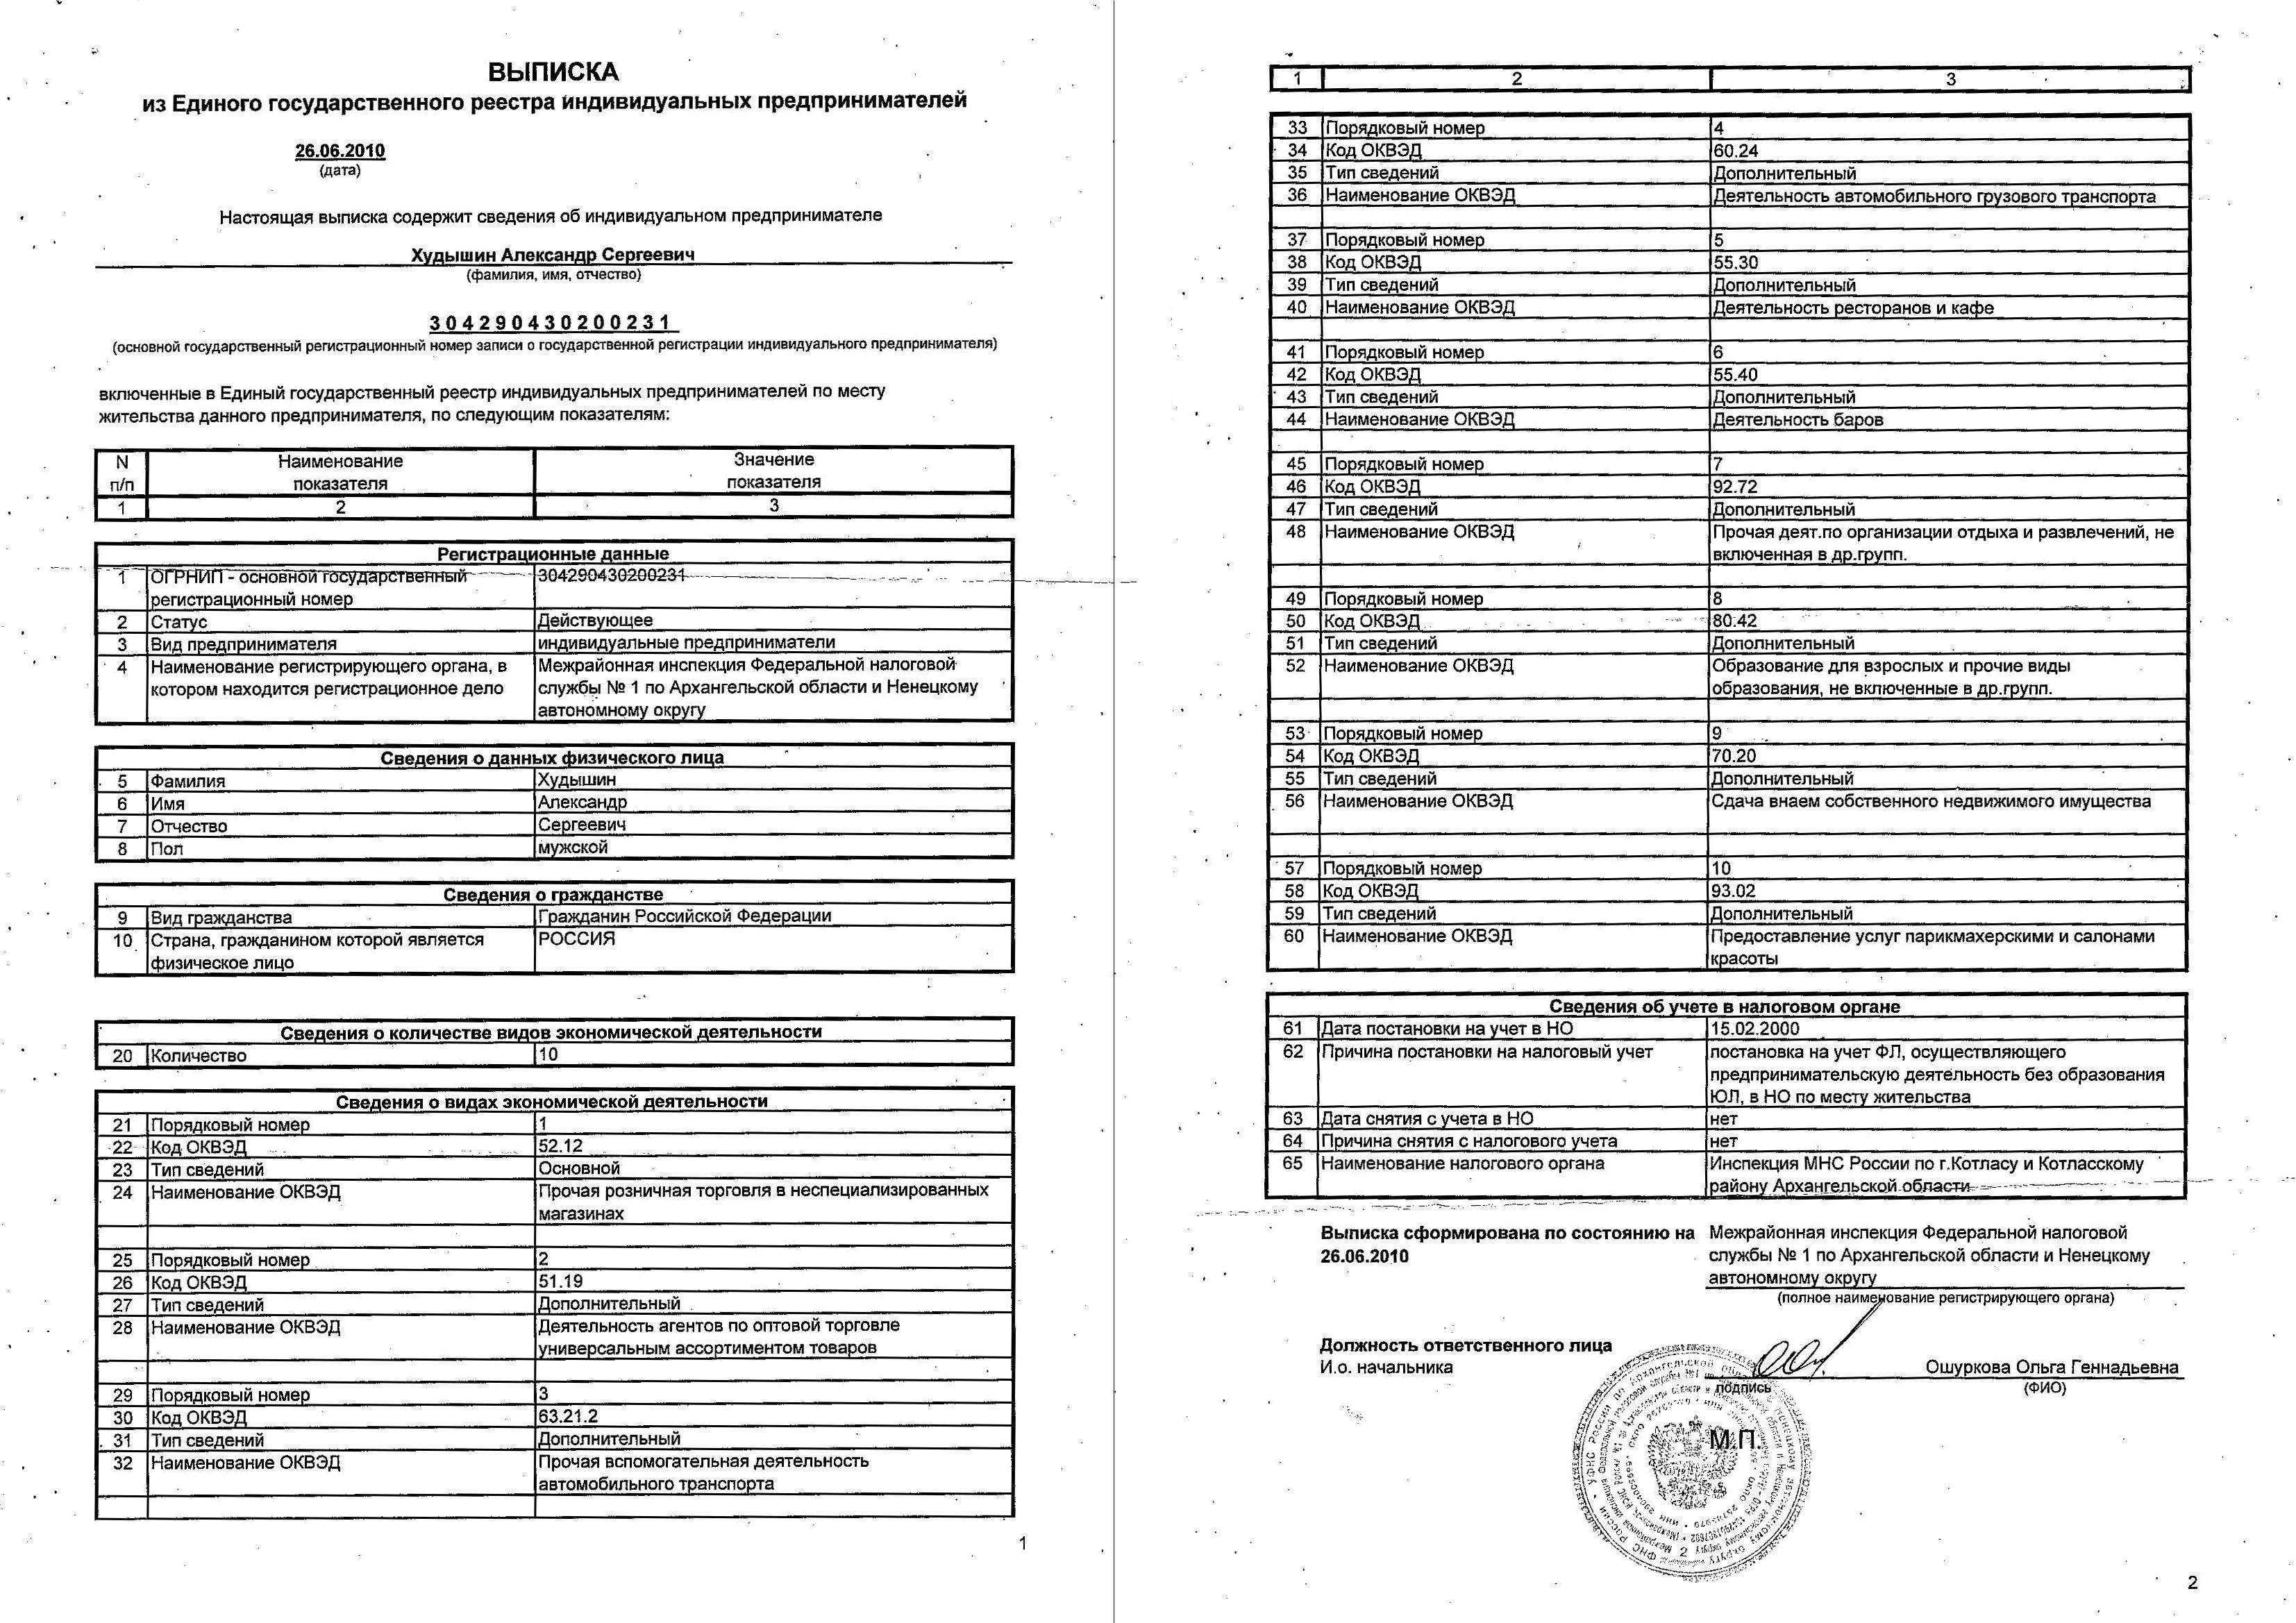 Пример выписки из ЕГРИП